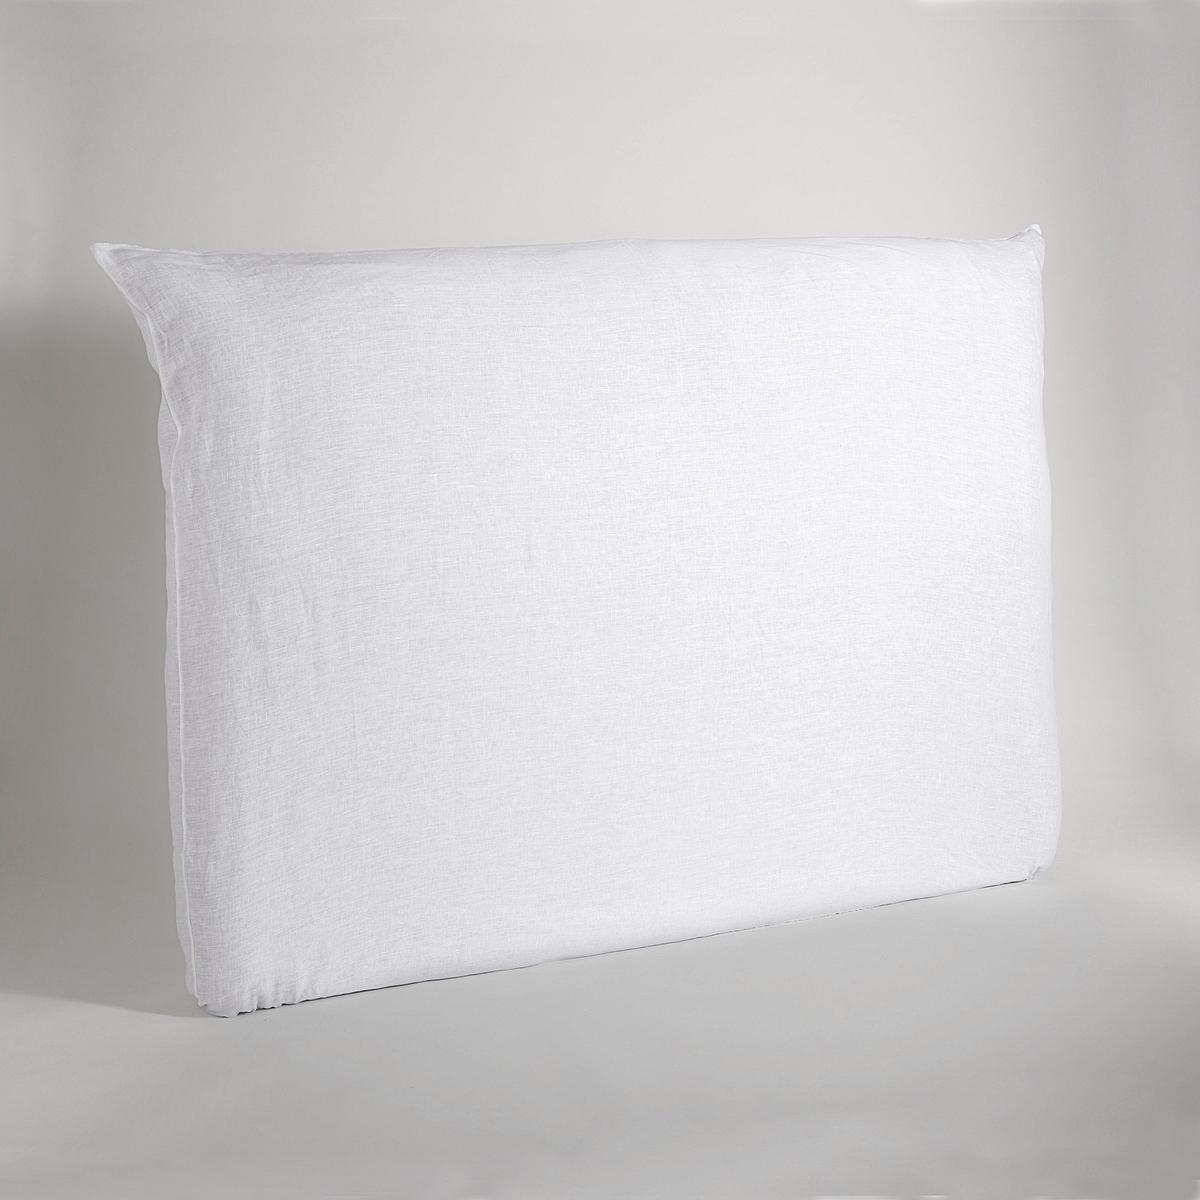 Чехол на изголовье кровати из стиранного льна, MeresonЧехол из стиранного льна Mereson. Специально создан для изголовья кровати Mereson и отлично сочетается с постельным бельем Elina.Лен. Простой уход, легкий жатый и стиранный эффект, мягкий, нежный современный материал, который со временем только становится лучше.Материал :- 100% лен.Уход : - Машинная стирка при 40 °C.Размеры : - Высота : 143 см- Длина :Для кровати T140 см : 184 смДля кровати T160 см : 204 смДля кровати T180 см : 224 смЗнак Oeko-Tex® гарантирует отсутствие вредных для здоровья веществ в протестированных и сертифицированных изделиях.<br><br>Цвет: антрацит,белый,серо-бежевый,серый,синий индиго